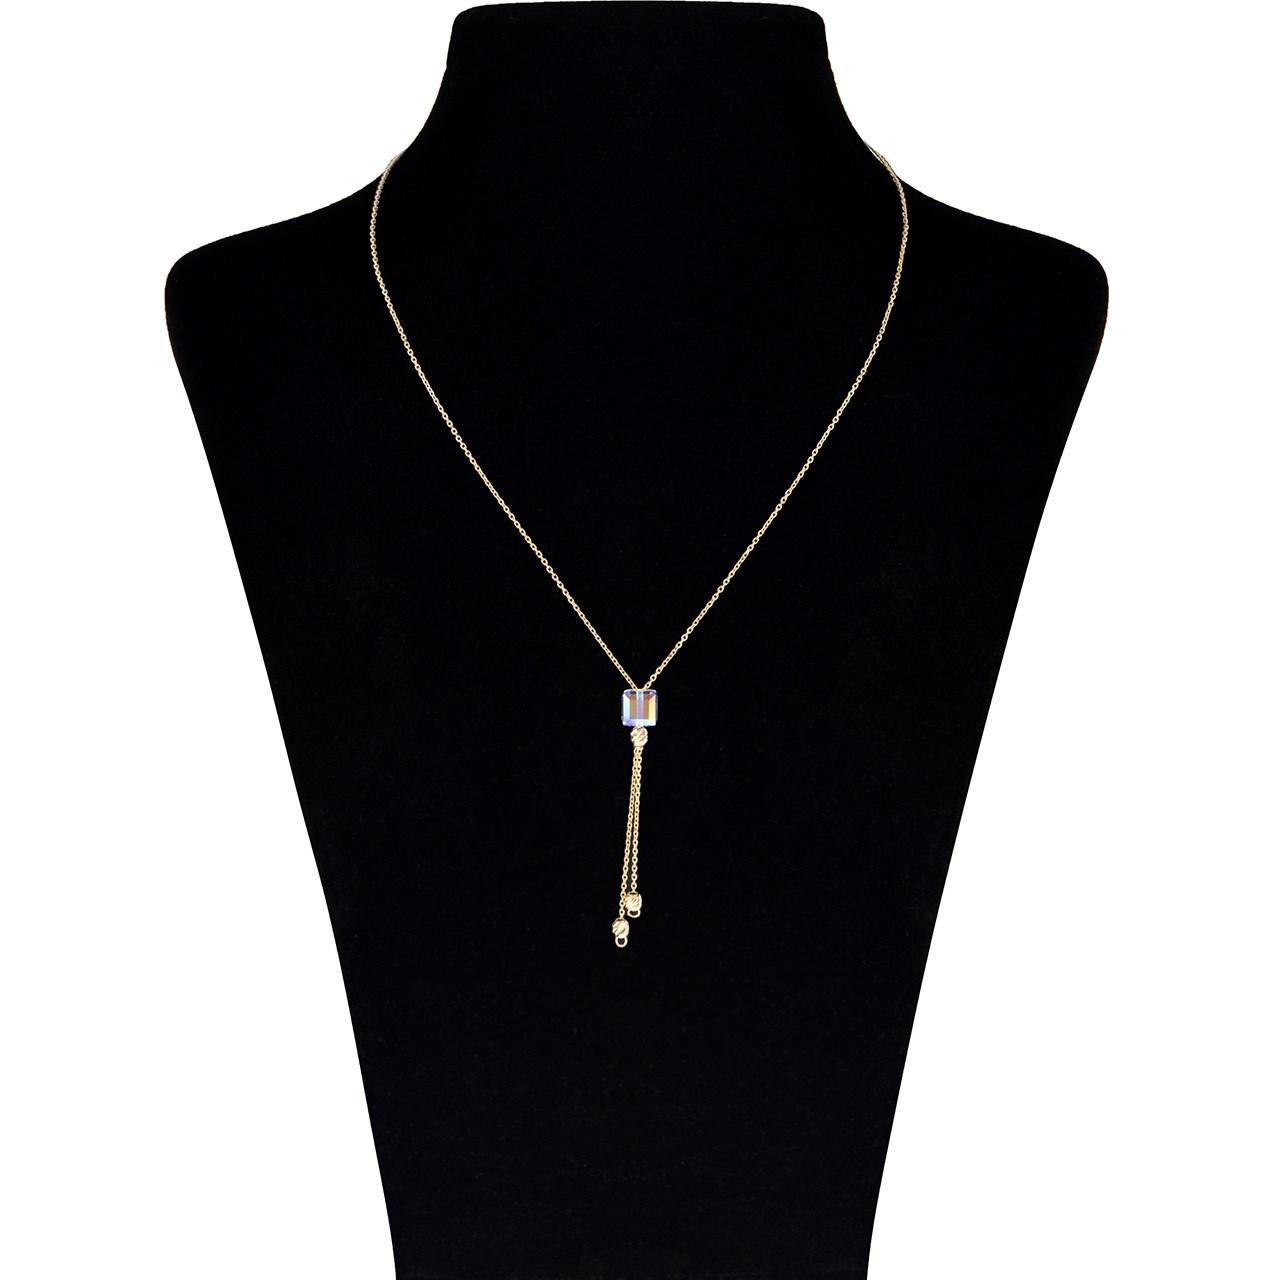 قیمت گردنبند طلا 18 عیار ماهک مدل MM0791 - مایا ماهک